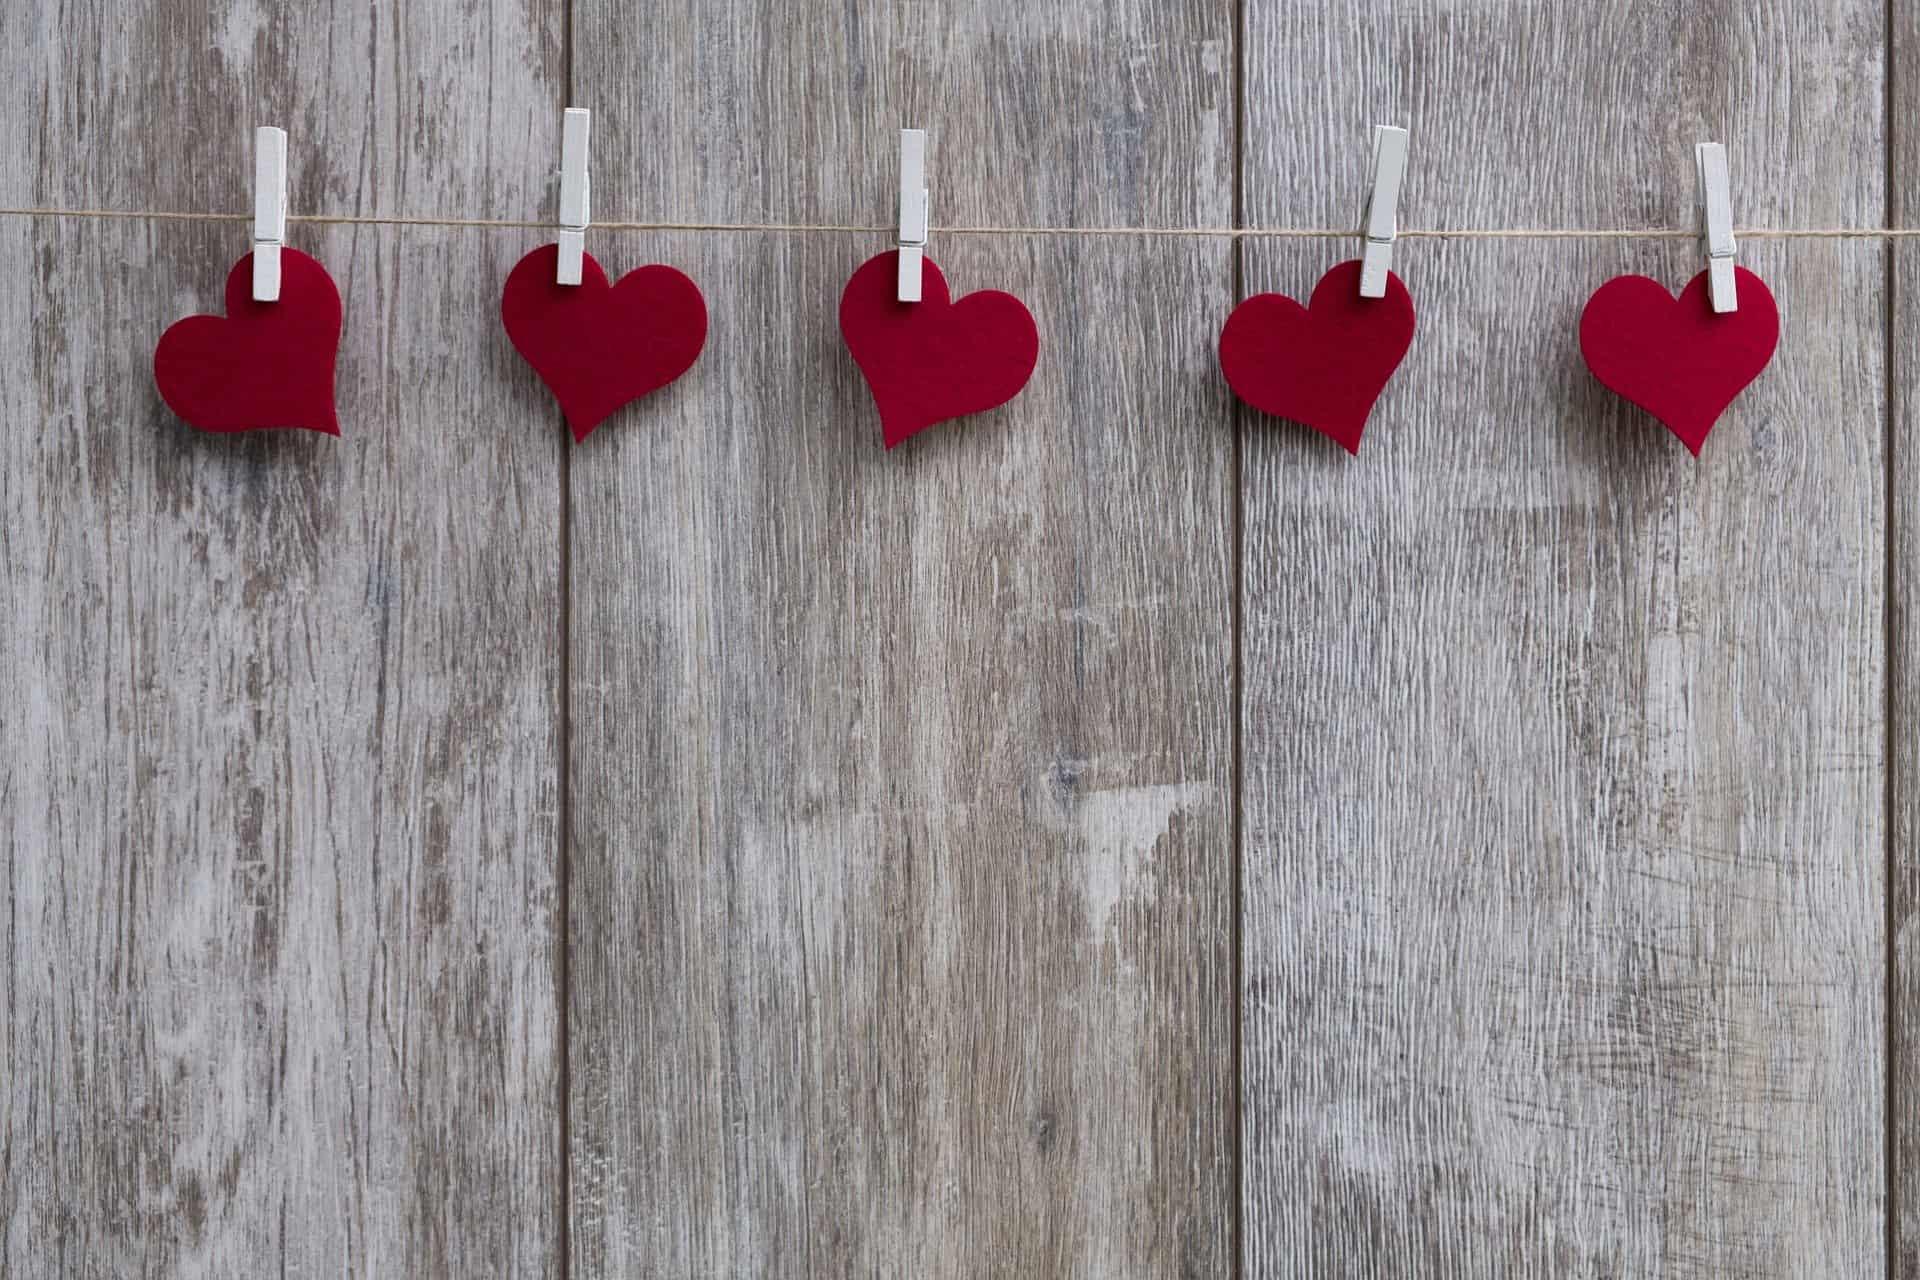 14 Idées de Cadeaux pour la Saint Valentin - Vegan, éthiques et responsables